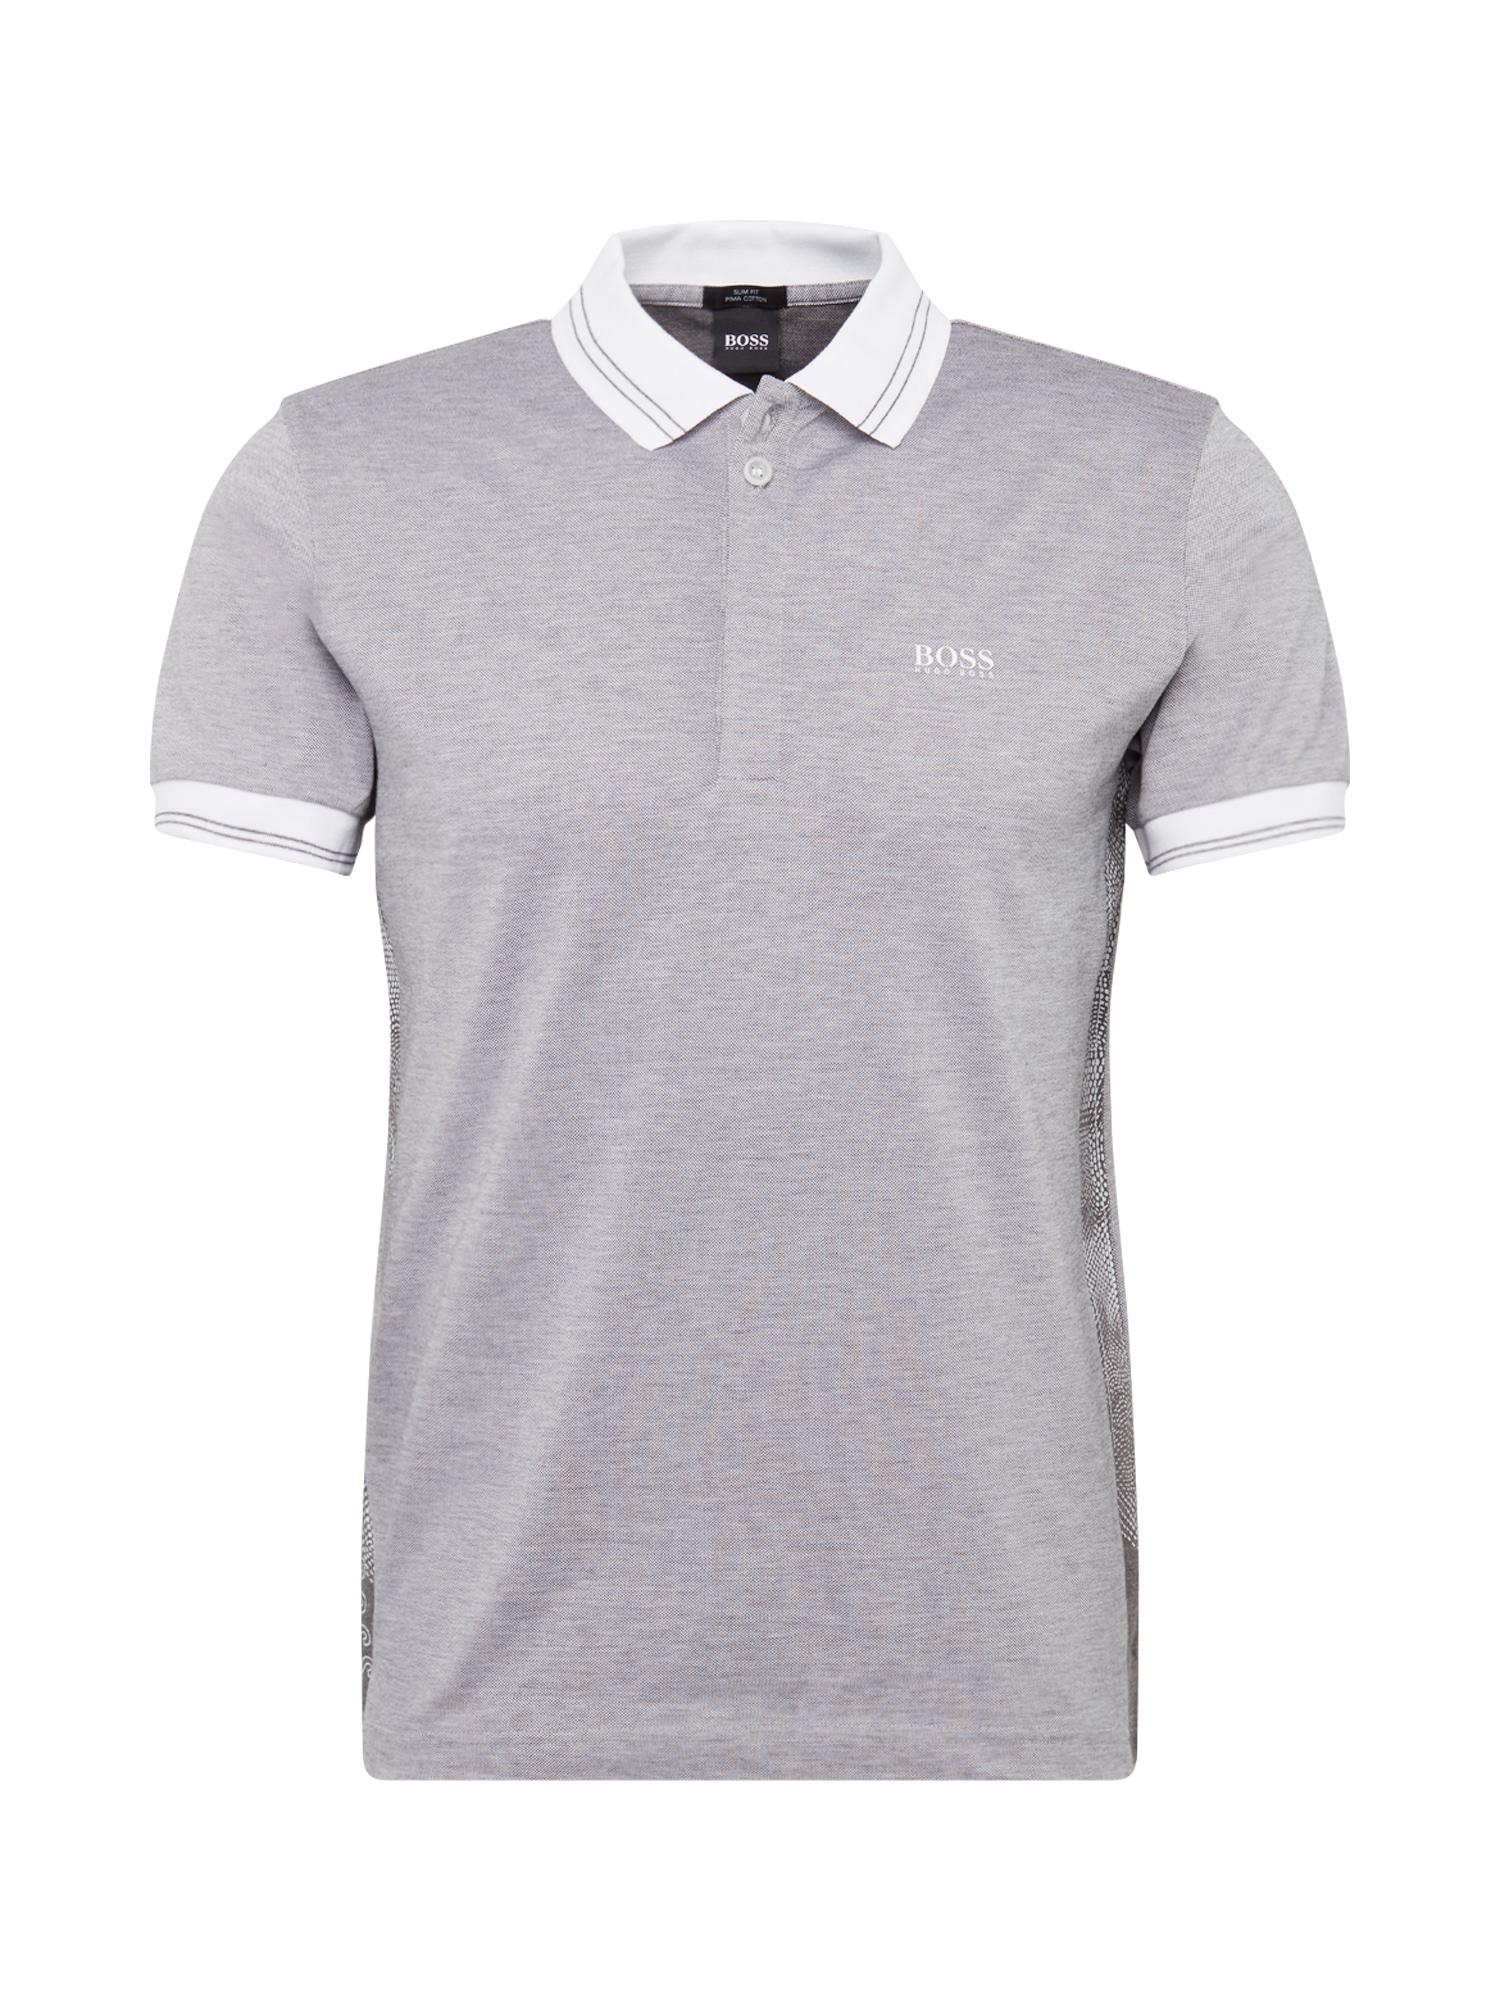 BOSS ATHLEISURE Marškinėliai 'Paule 2' šviesiai pilka